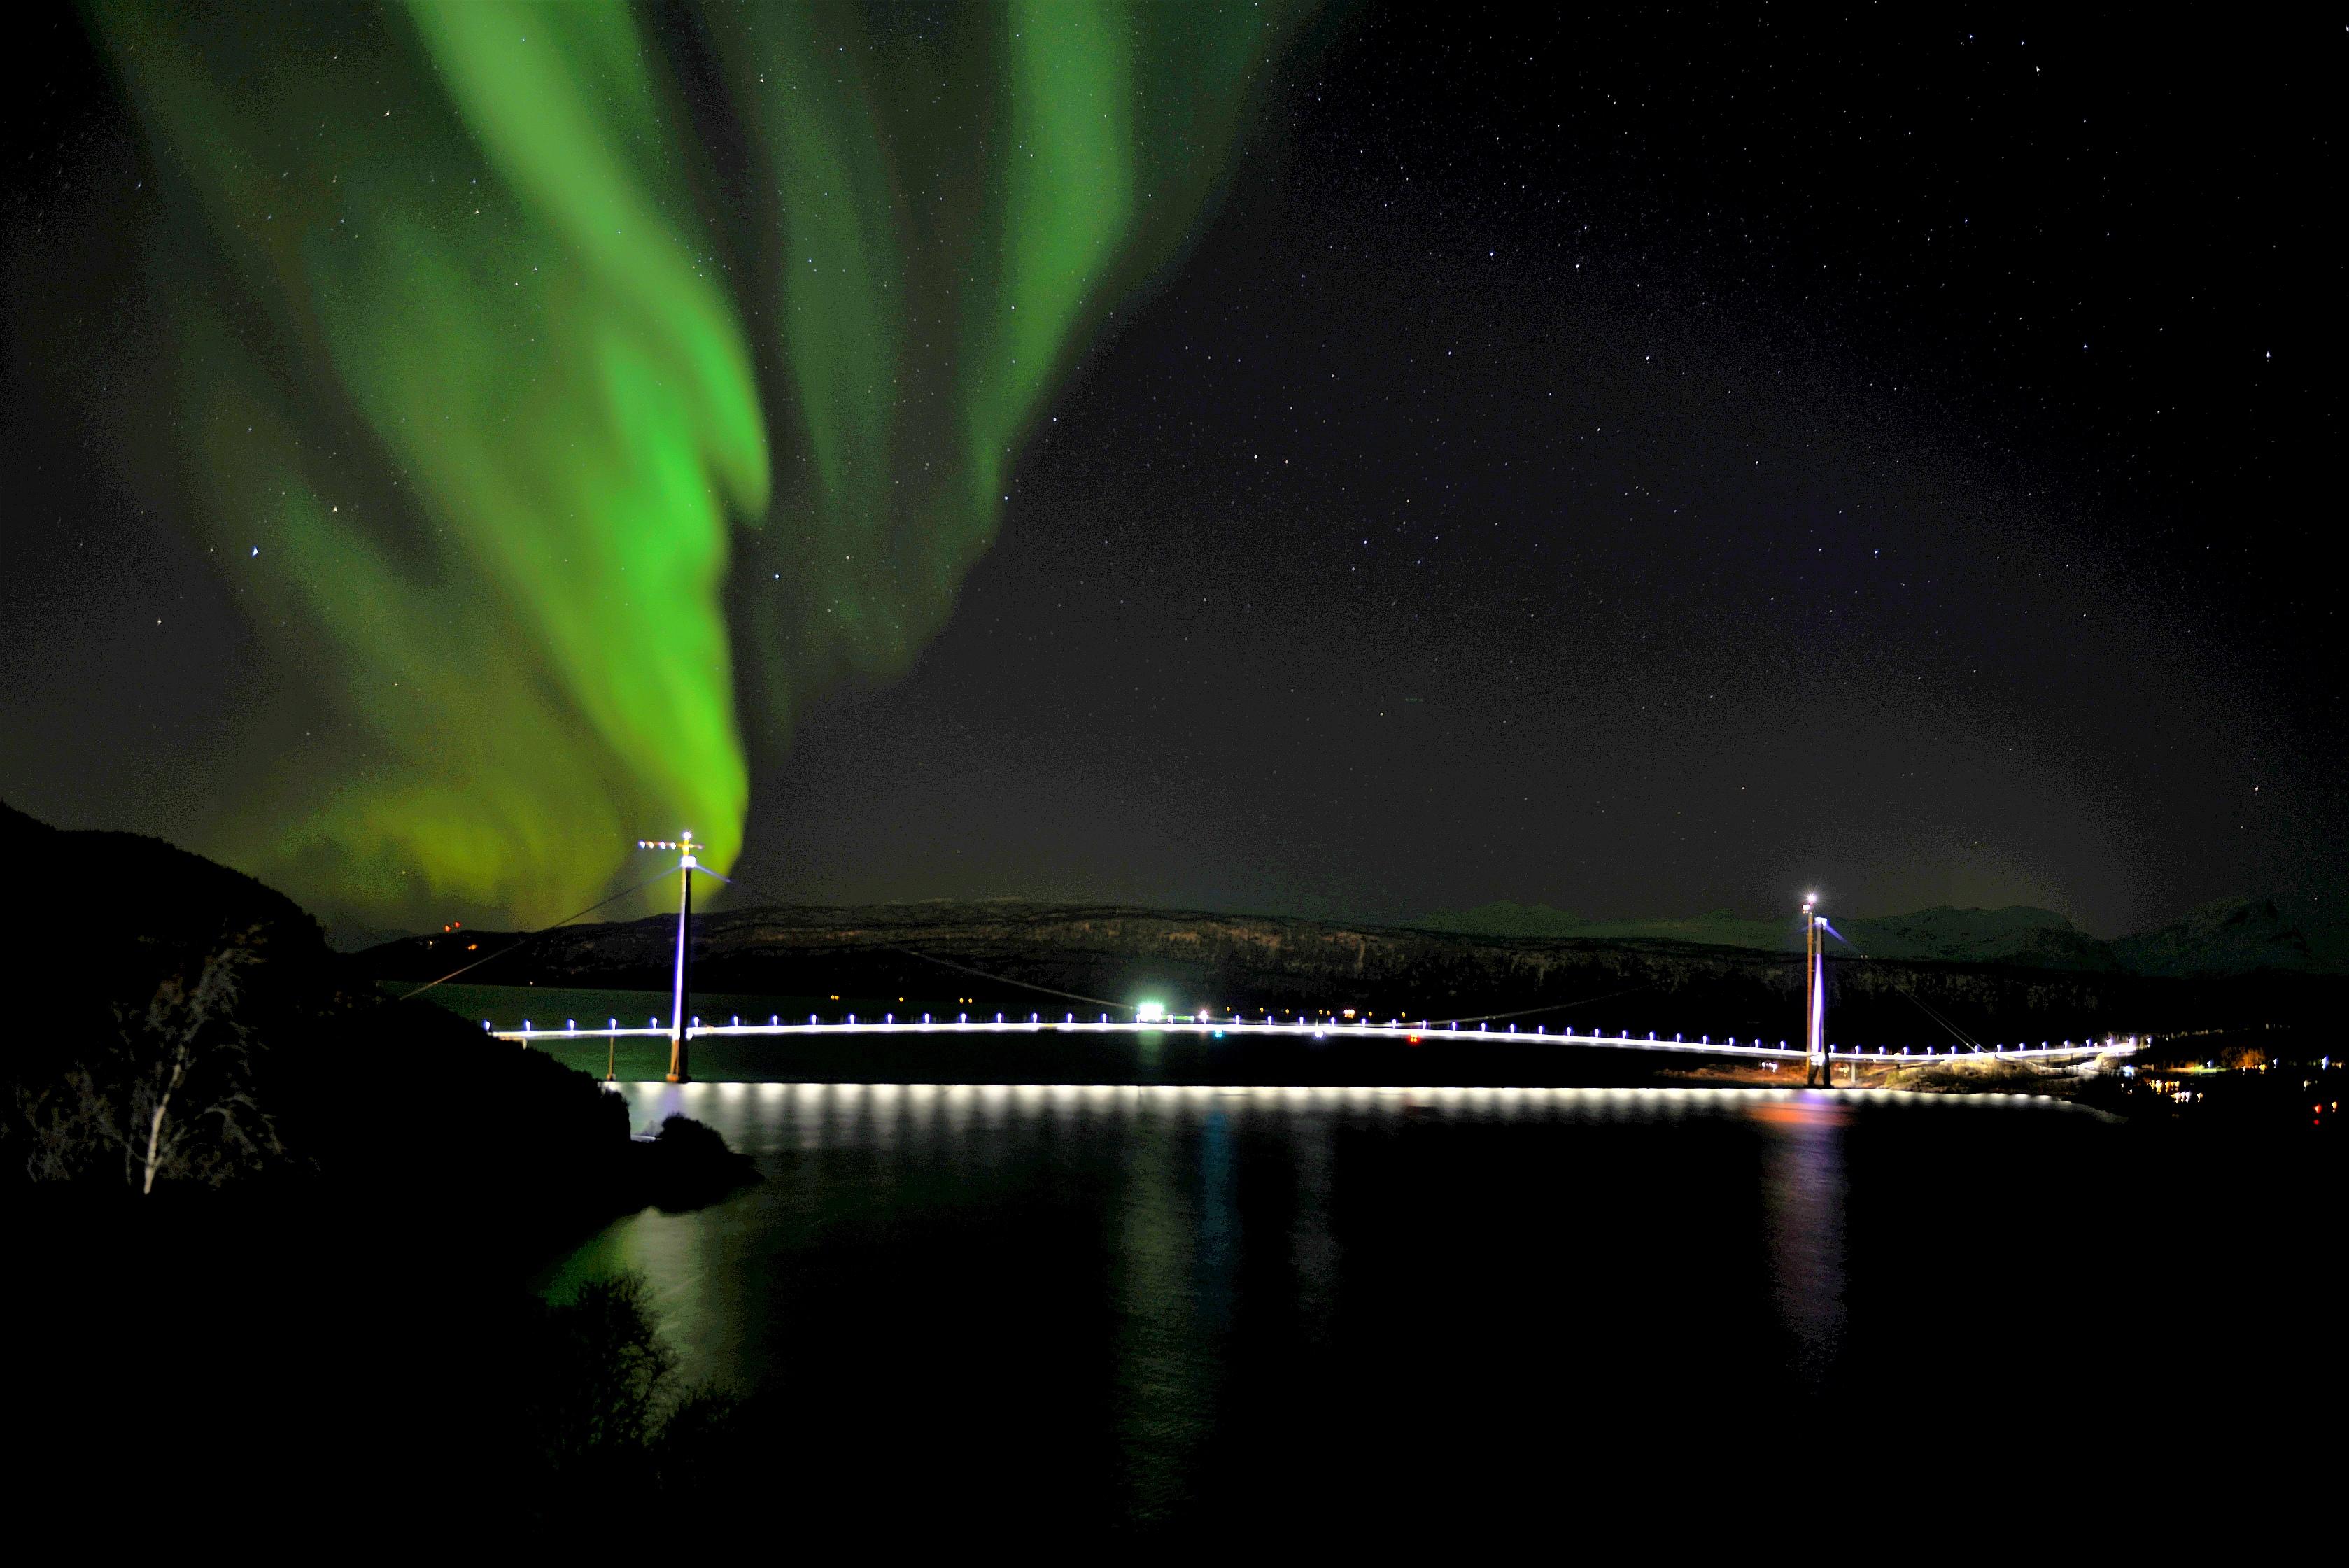 挪威哈罗格兰德跨海万博manbext网页版